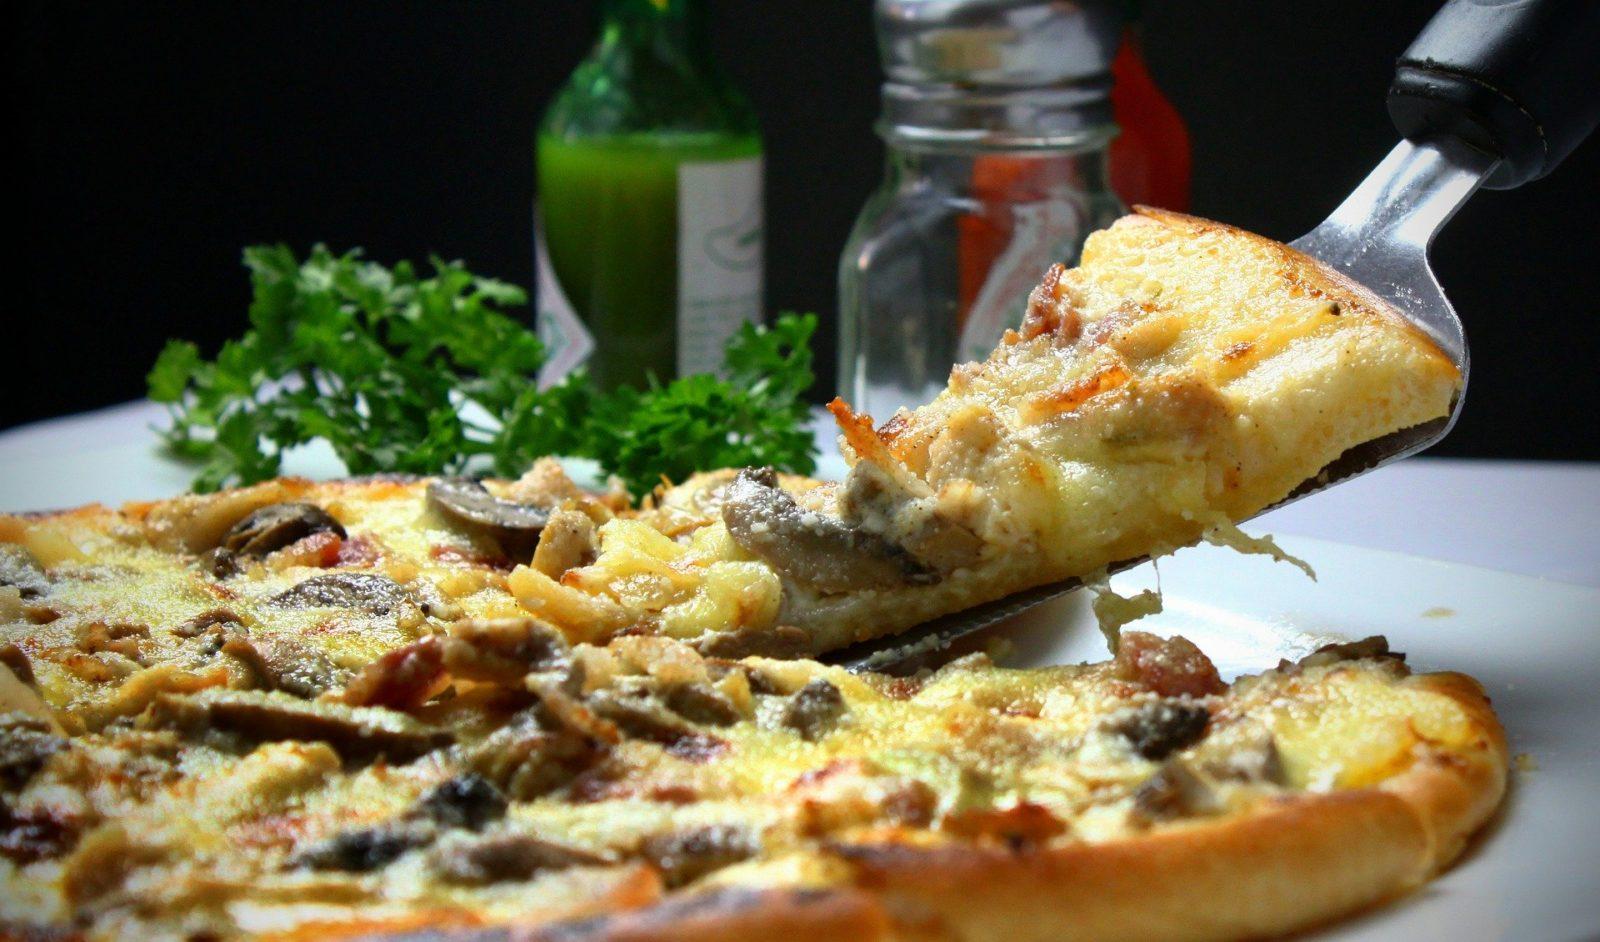 Vorsicht Fast Food: Transfette als Demenz-Risikofaktor